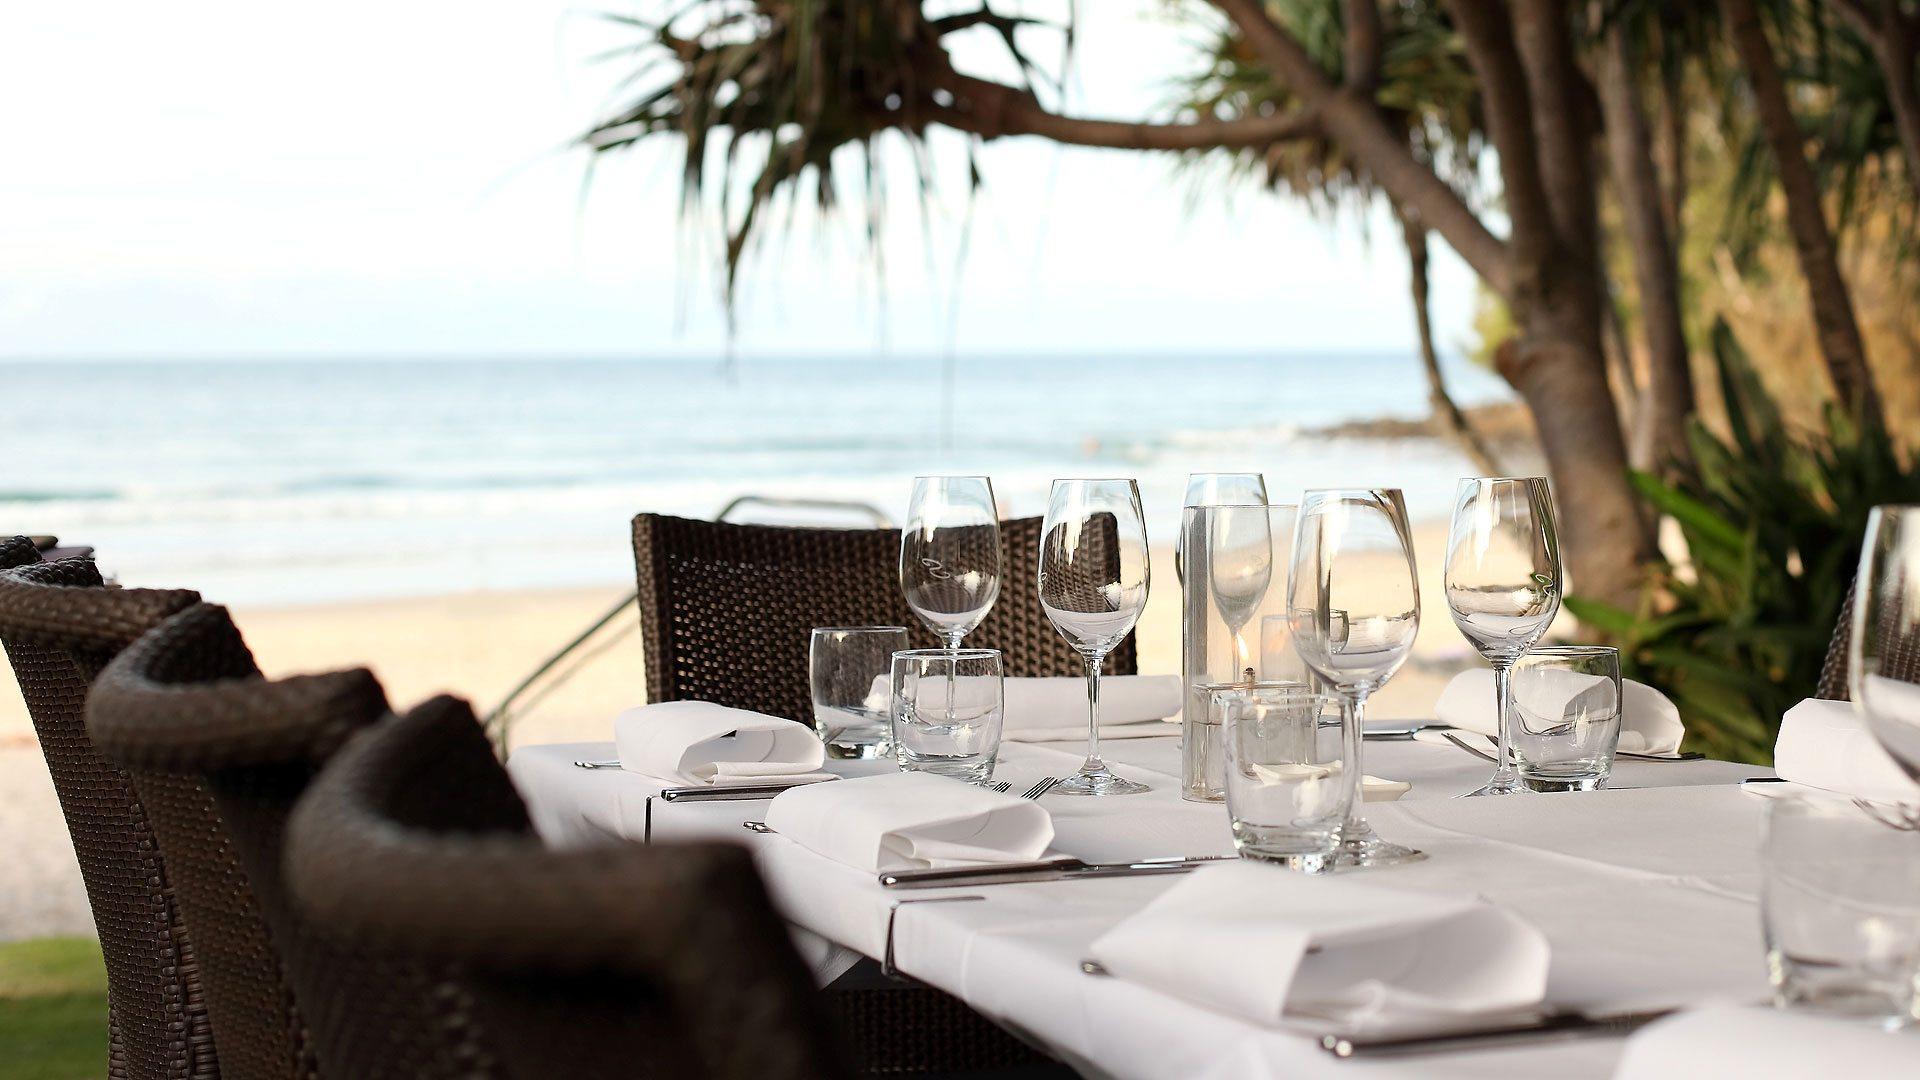 Noosa-Beachfront-Restaurant-Noosa-Beach-S03